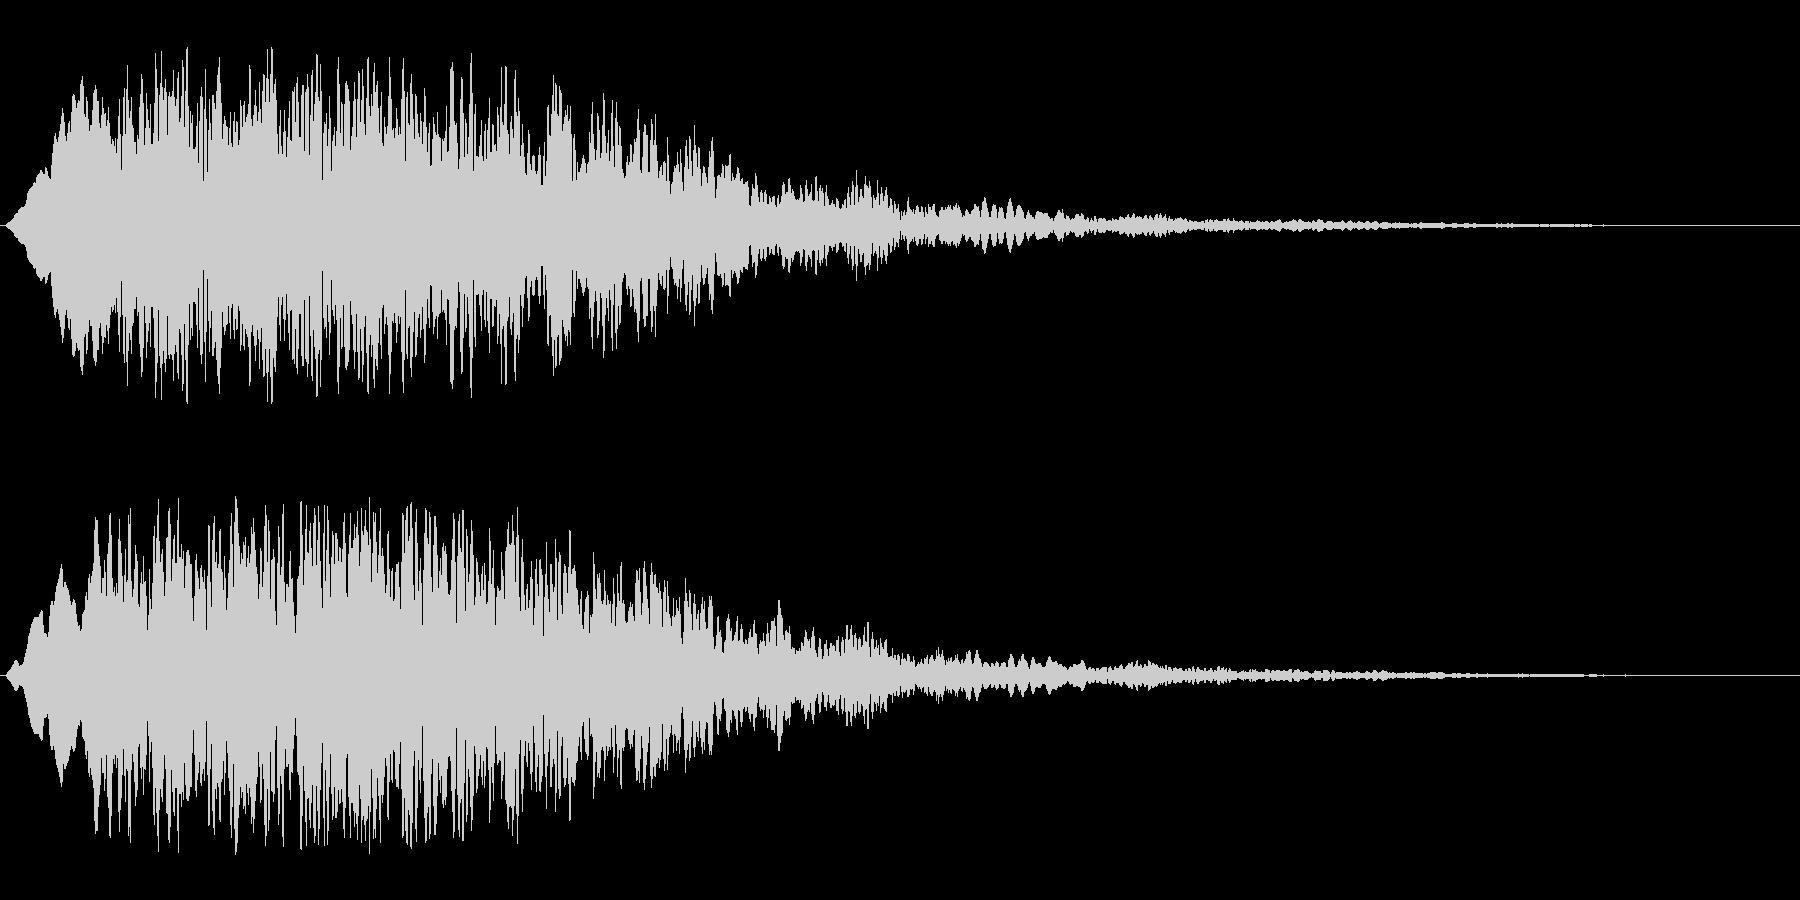 恐怖心を煽る音(怪奇現象シーンの効果音)の未再生の波形